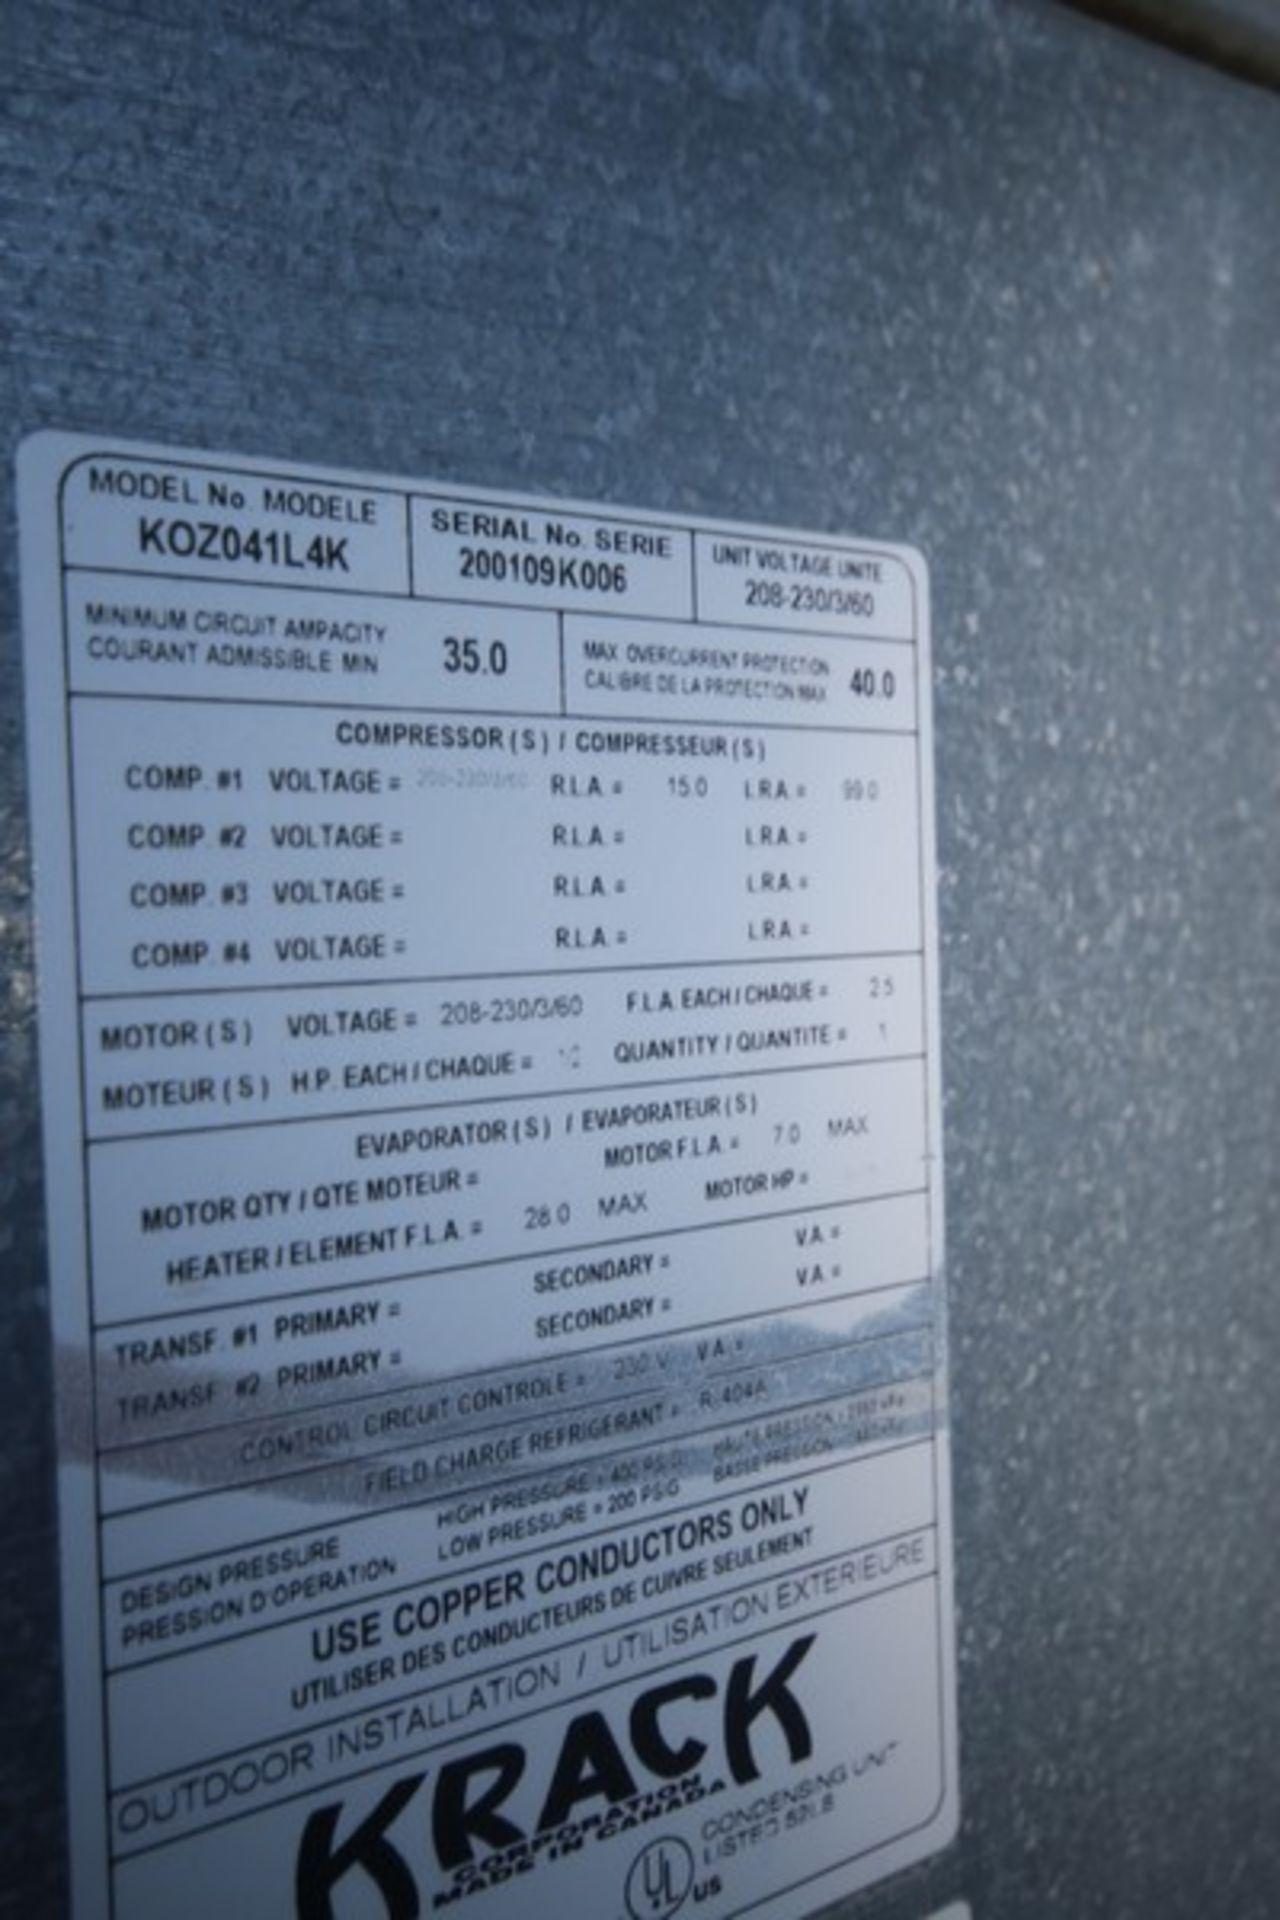 Krack Refrigeration Compressor, M/N KOZ042L4K, S/N 200109K006 with R-404A Refrigerant, 208-230/460 - Image 6 of 6